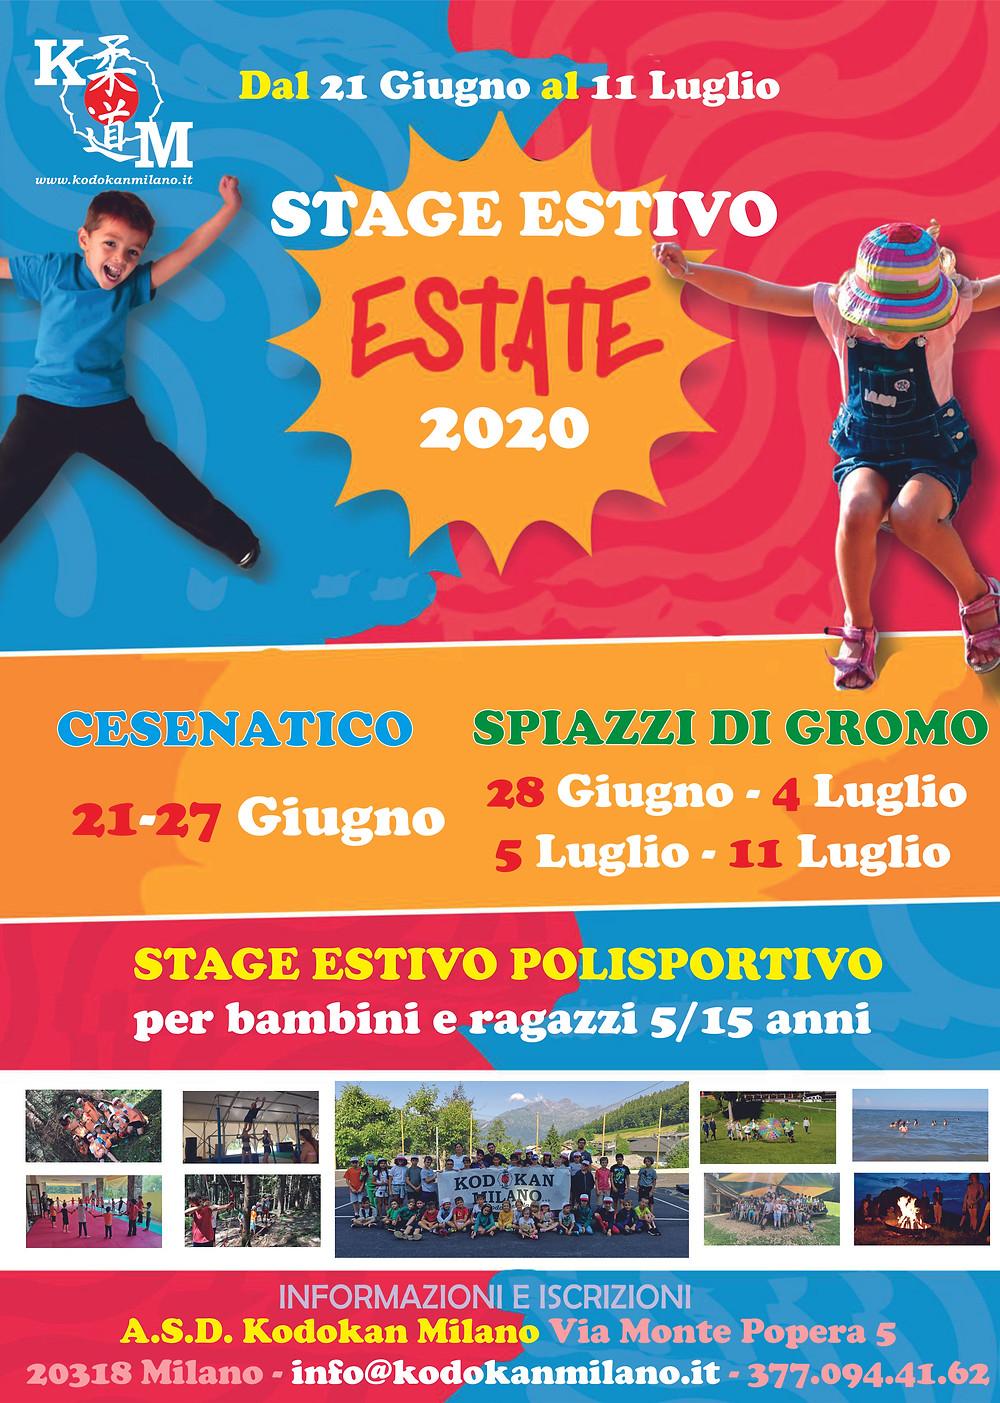 CAMPI ESTIVI 2020